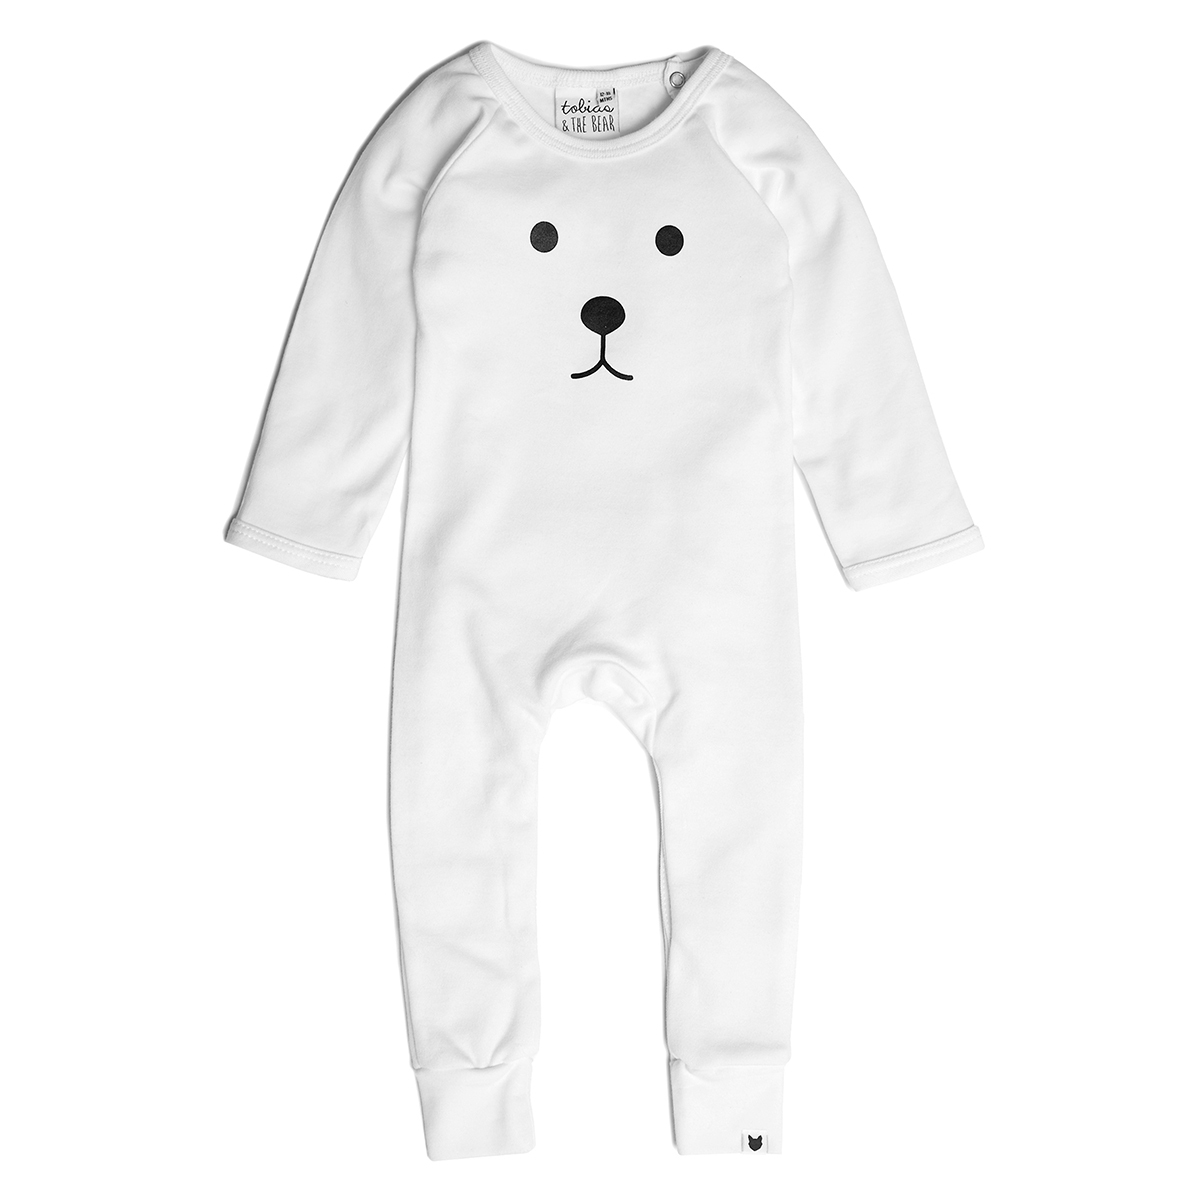 Body & Pyjama Pyjama Sans Pied Ours Blanc - 6/12 Mois Pyjama Sans Pied Ours Blanc - 6/12 Mois